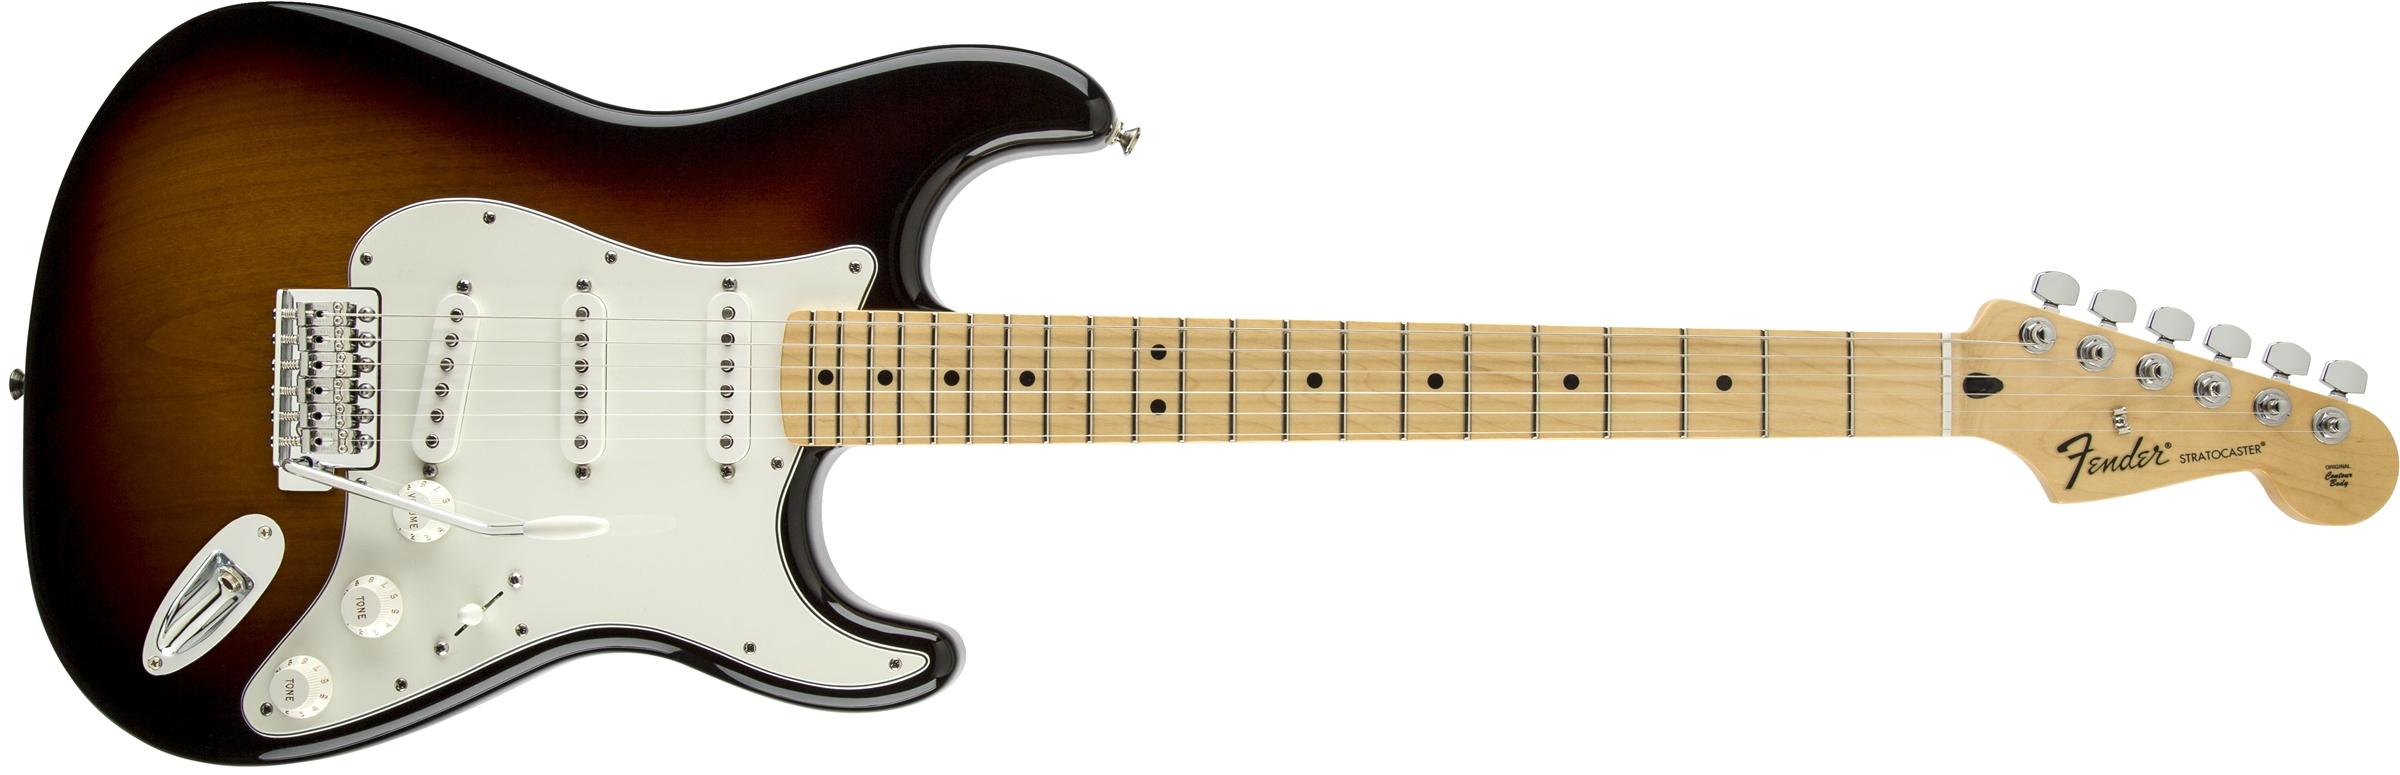 fender standard stratocaster maple fingerboard brown sunburst. Black Bedroom Furniture Sets. Home Design Ideas